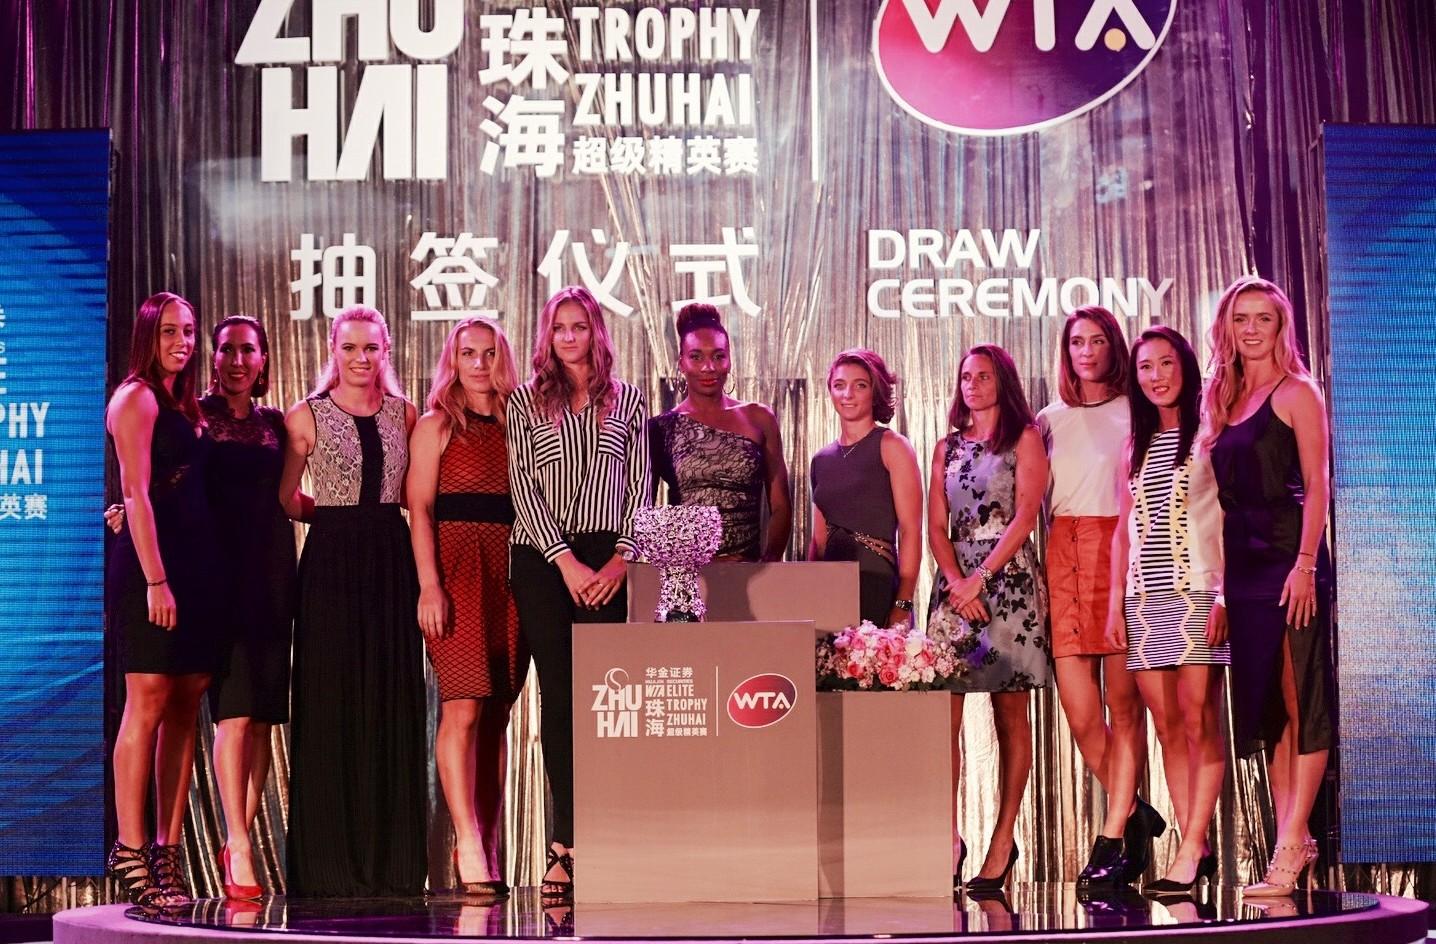 wta-elite-trophy-sara-errani-draw-ceremony